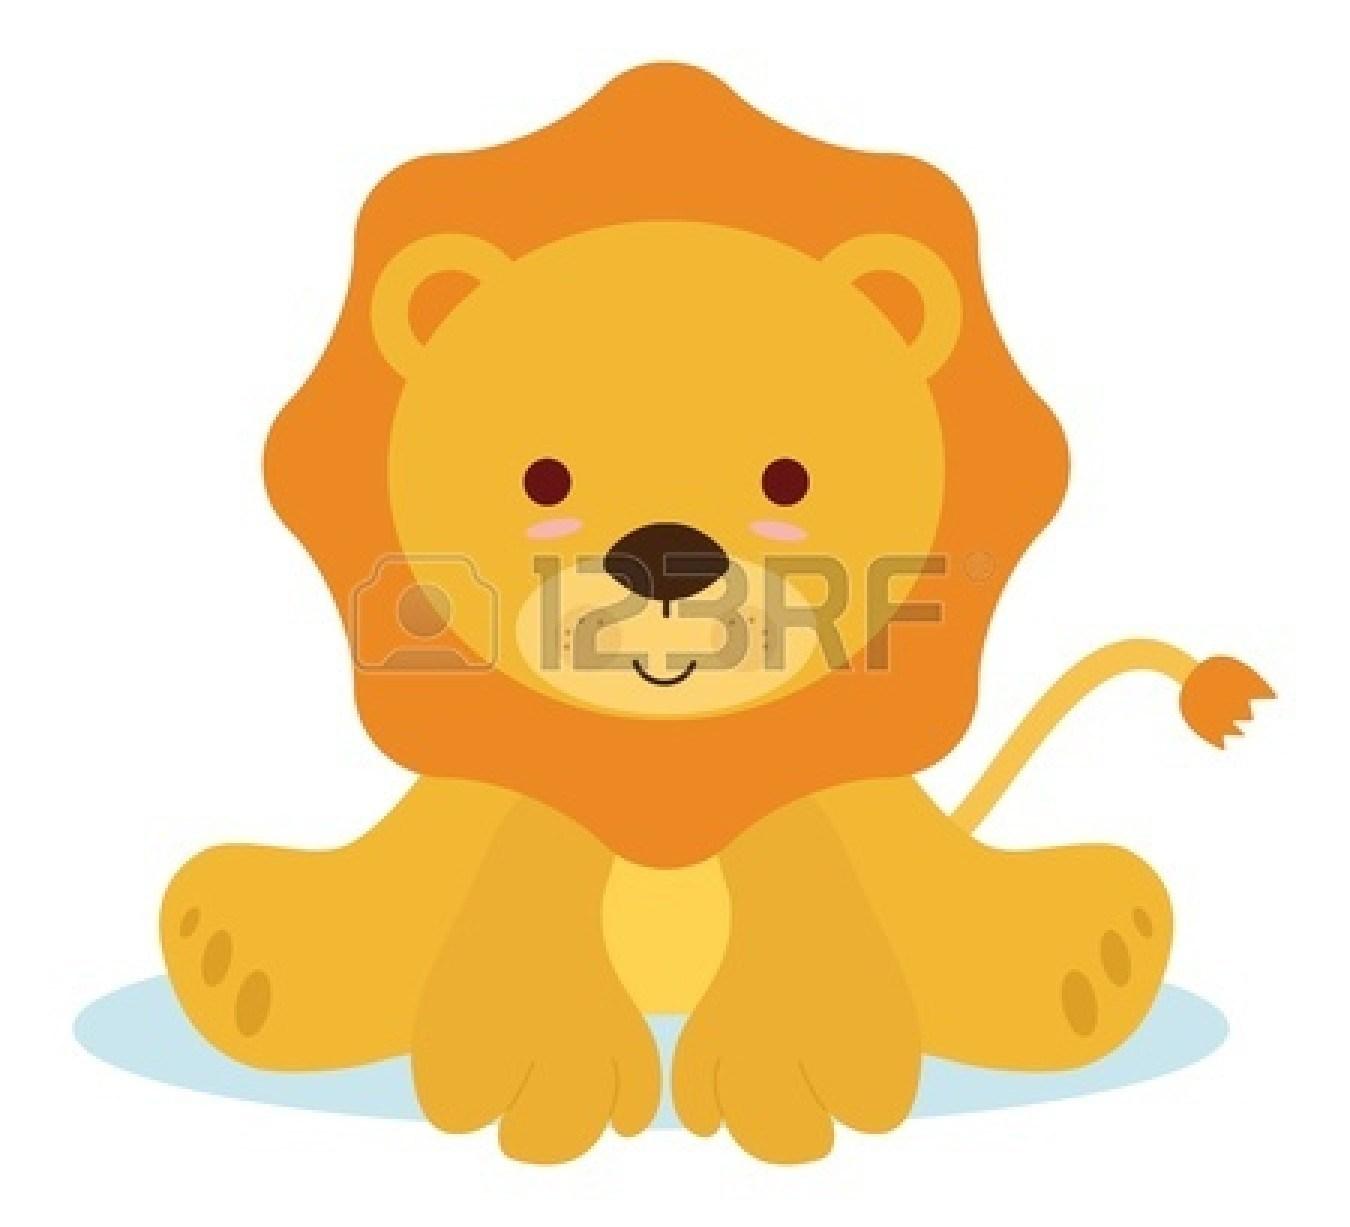 Baby lion clipart 3 » Clipart Portal.